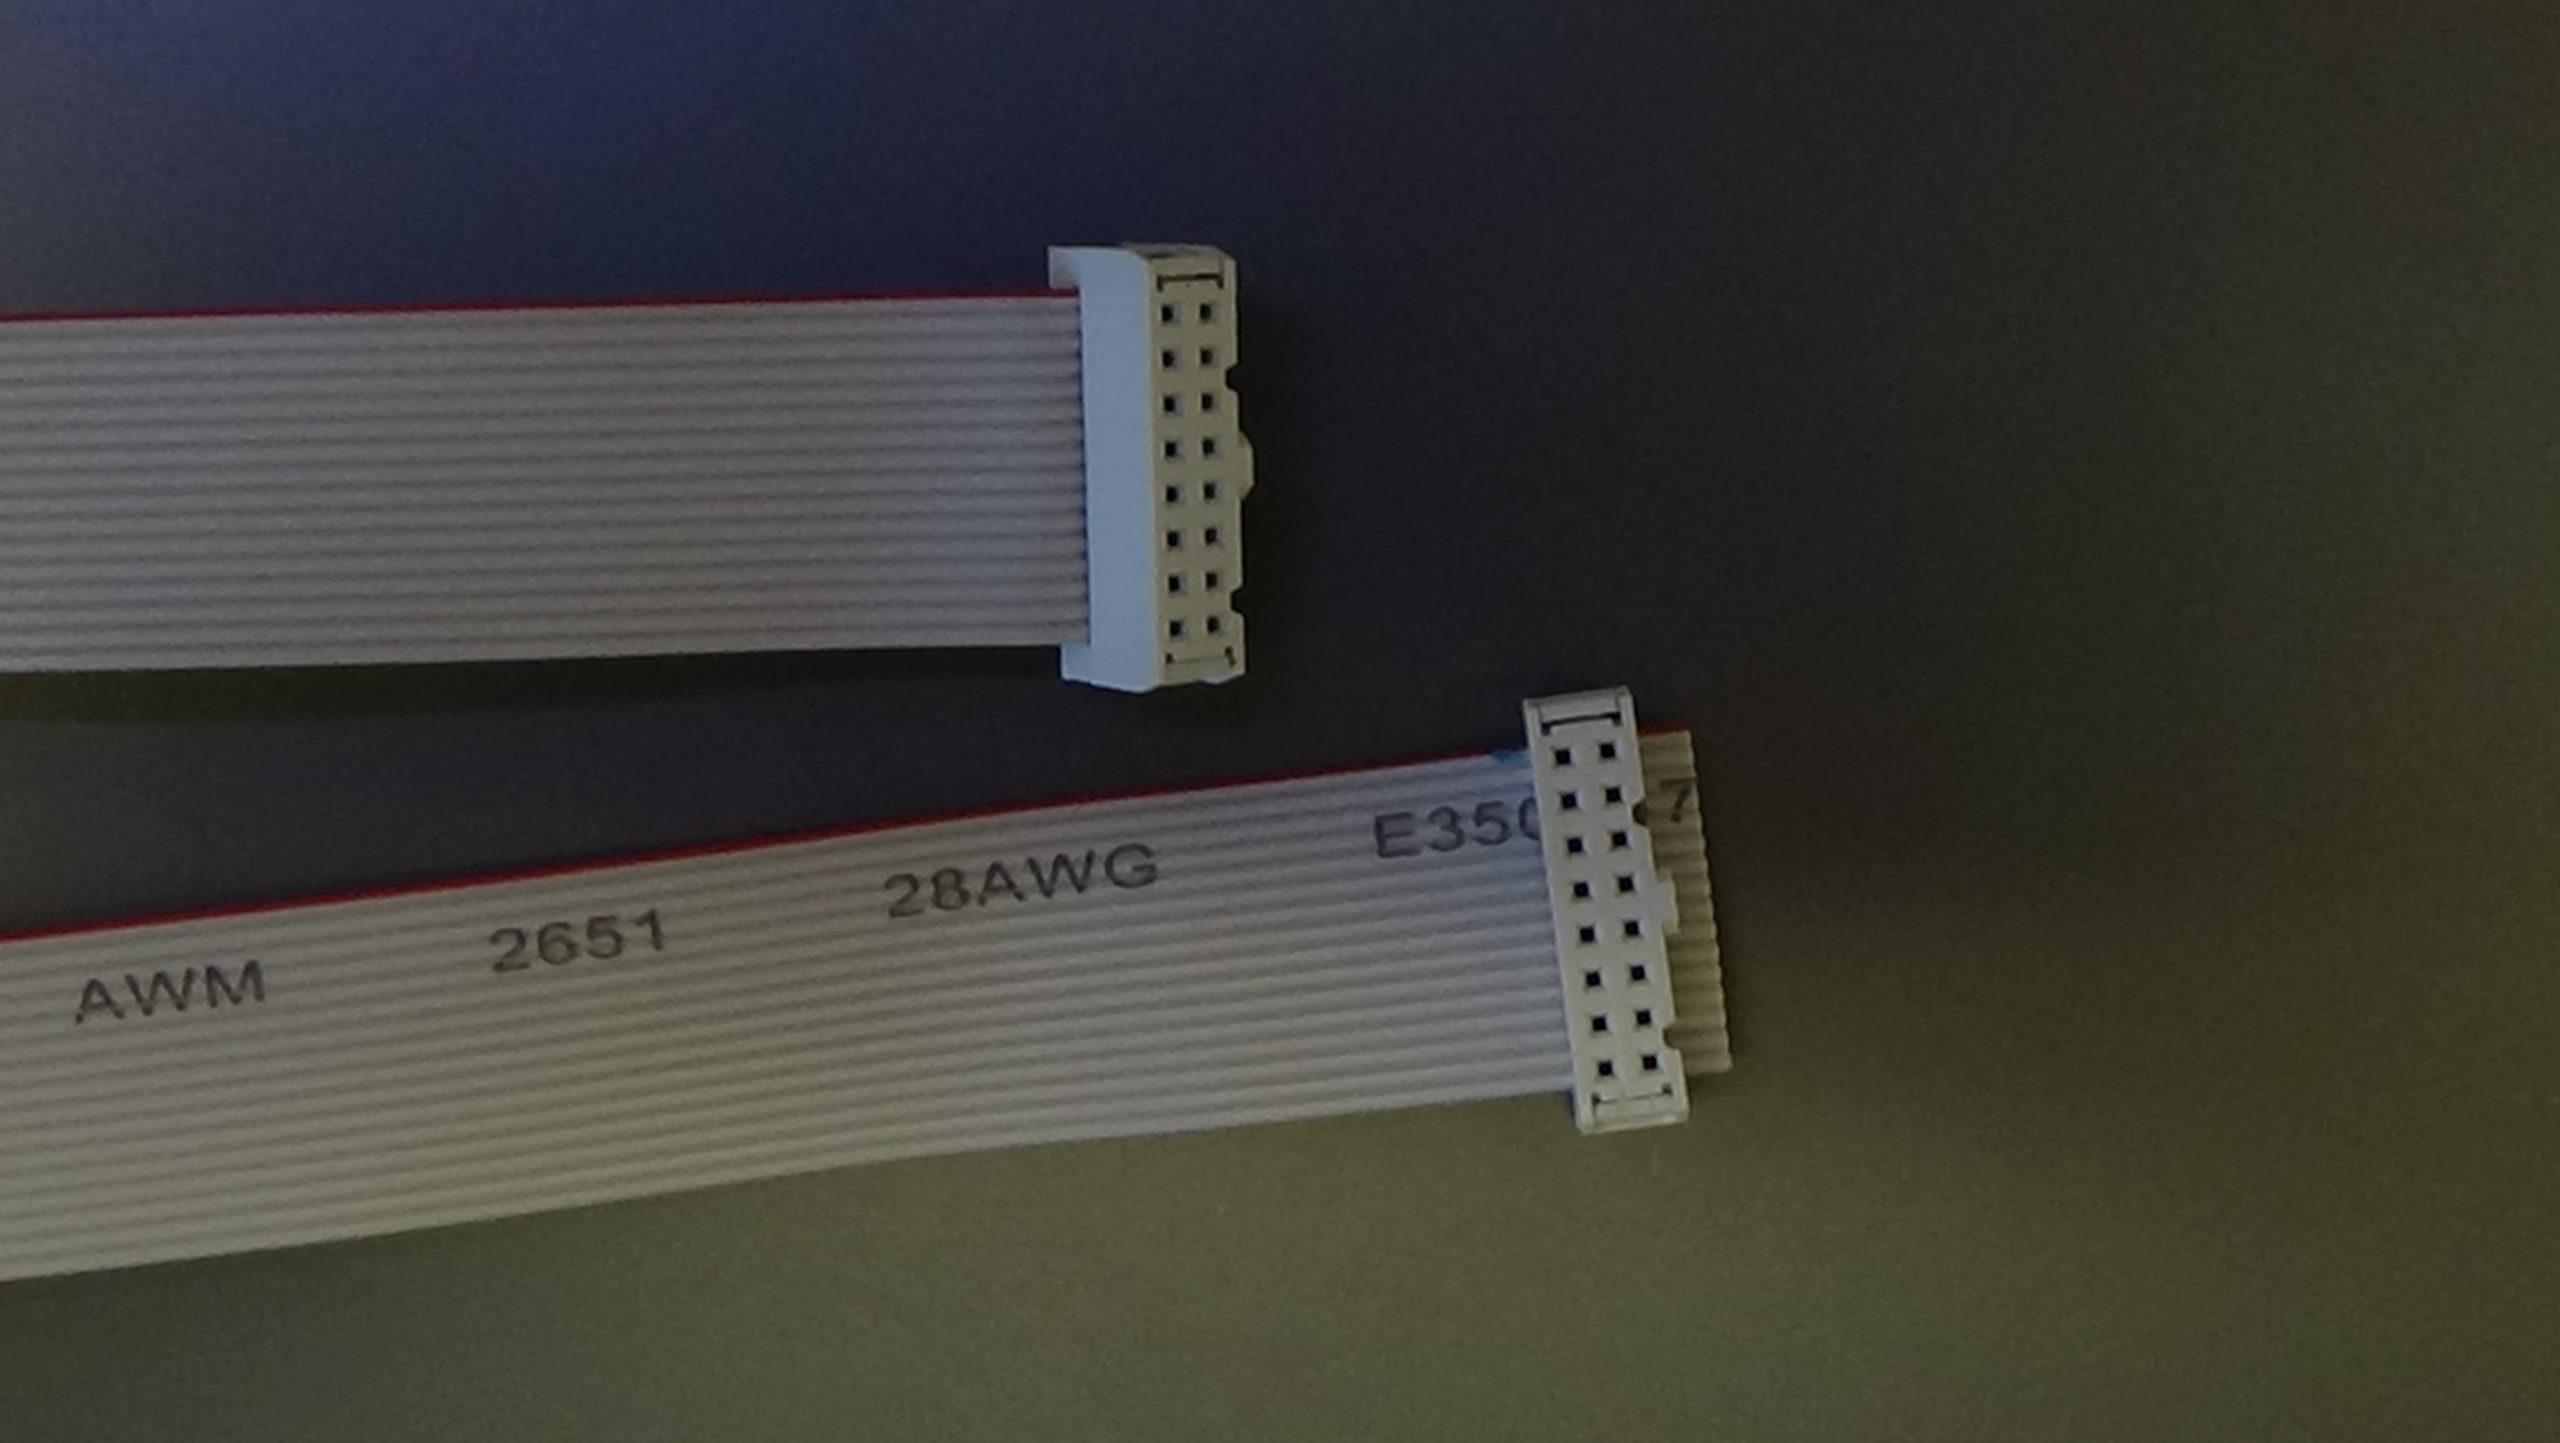 16 Way Ribbon Cable